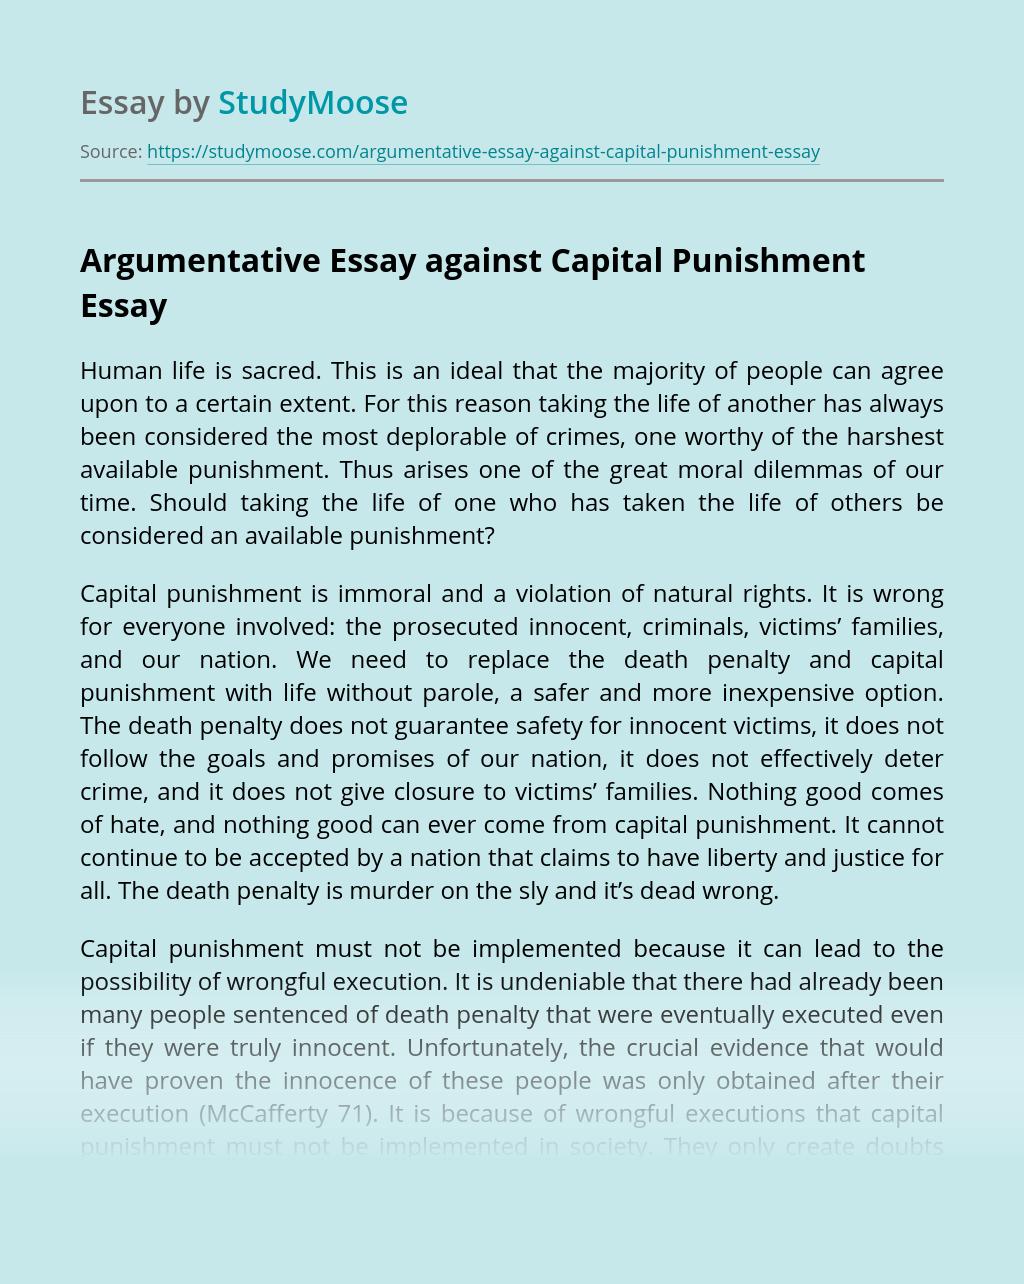 Argumentative Essay against Capital Punishment